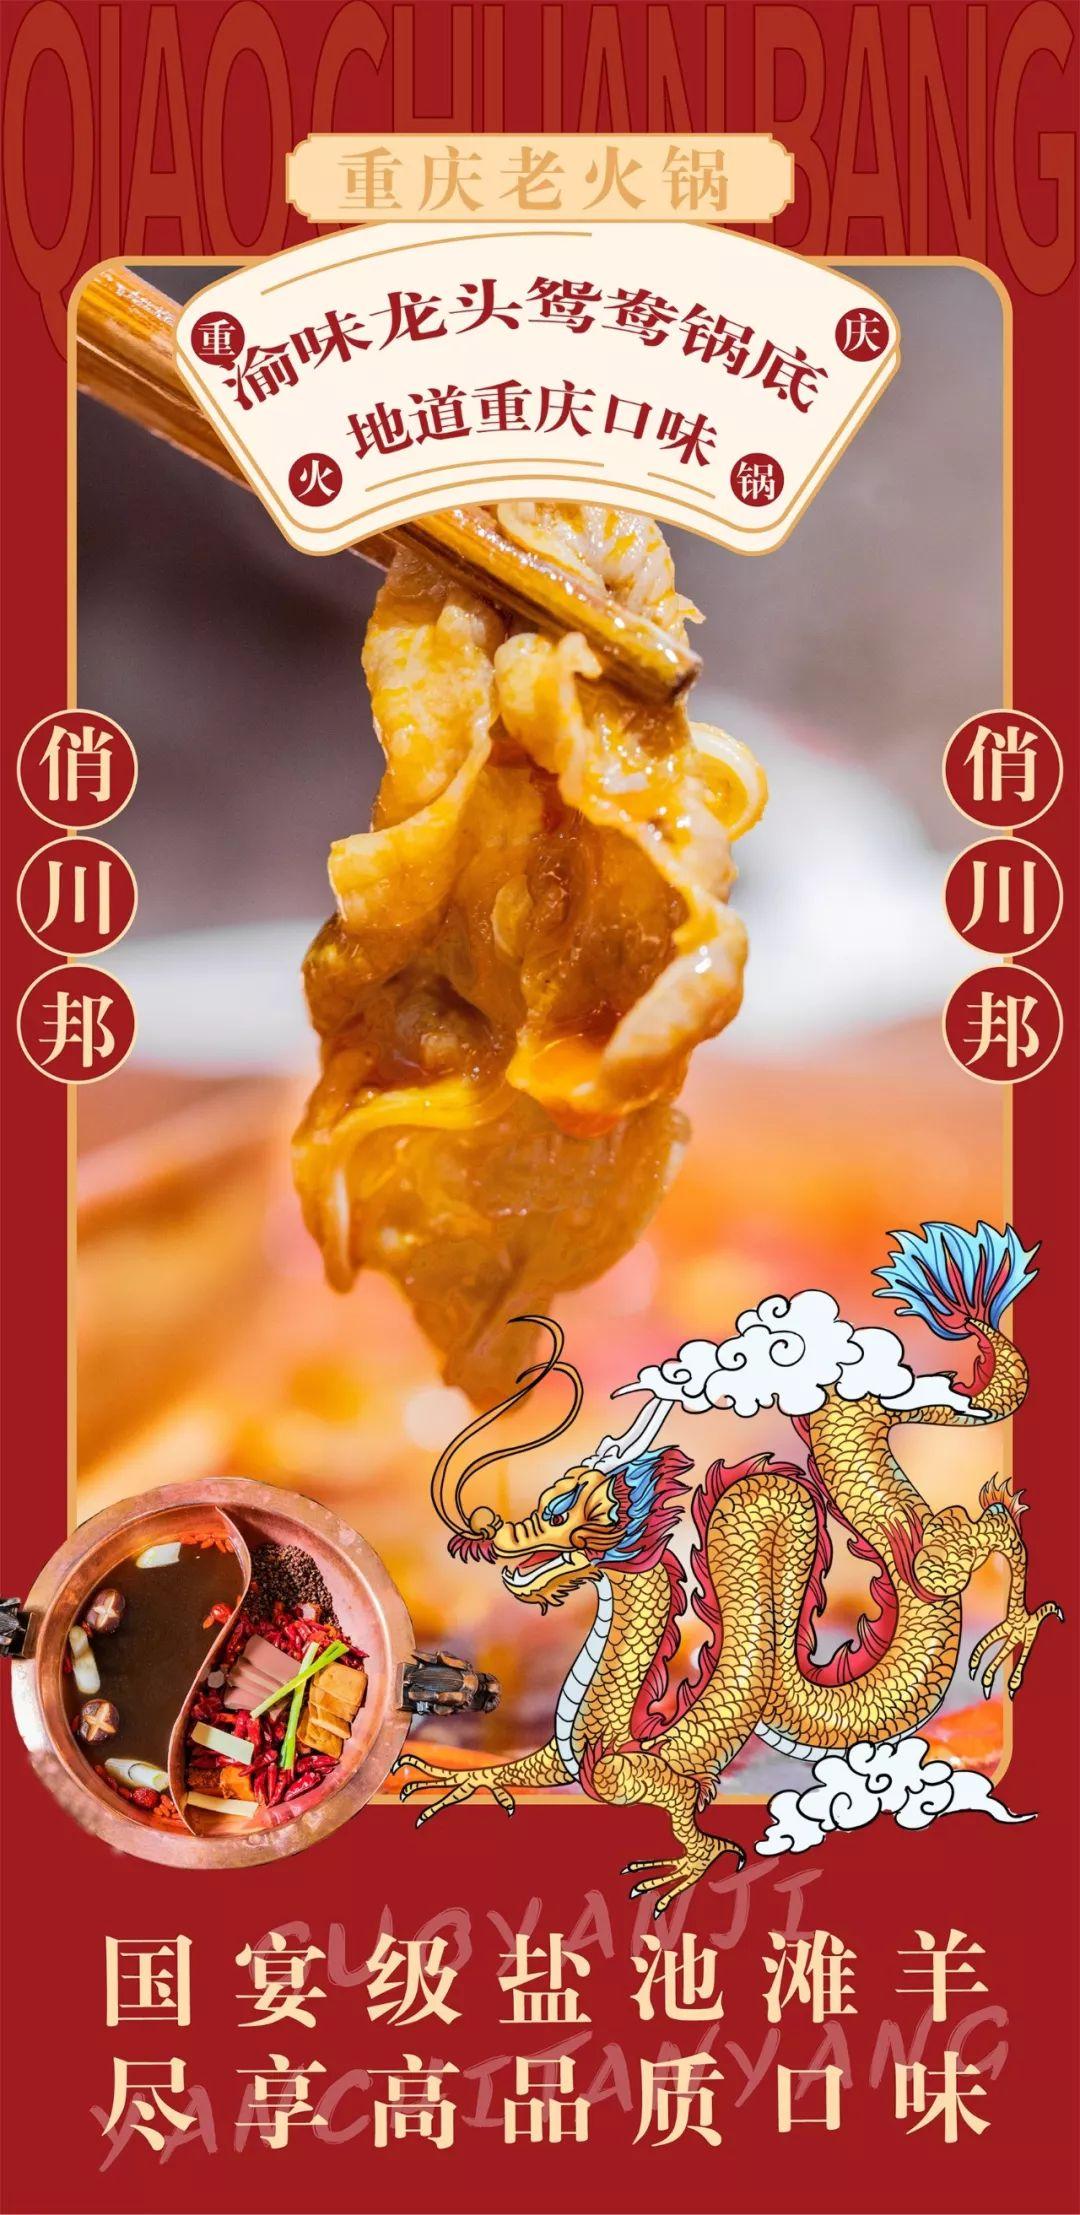 【开在南京路的重庆老火锅,连重庆人都说地道!】